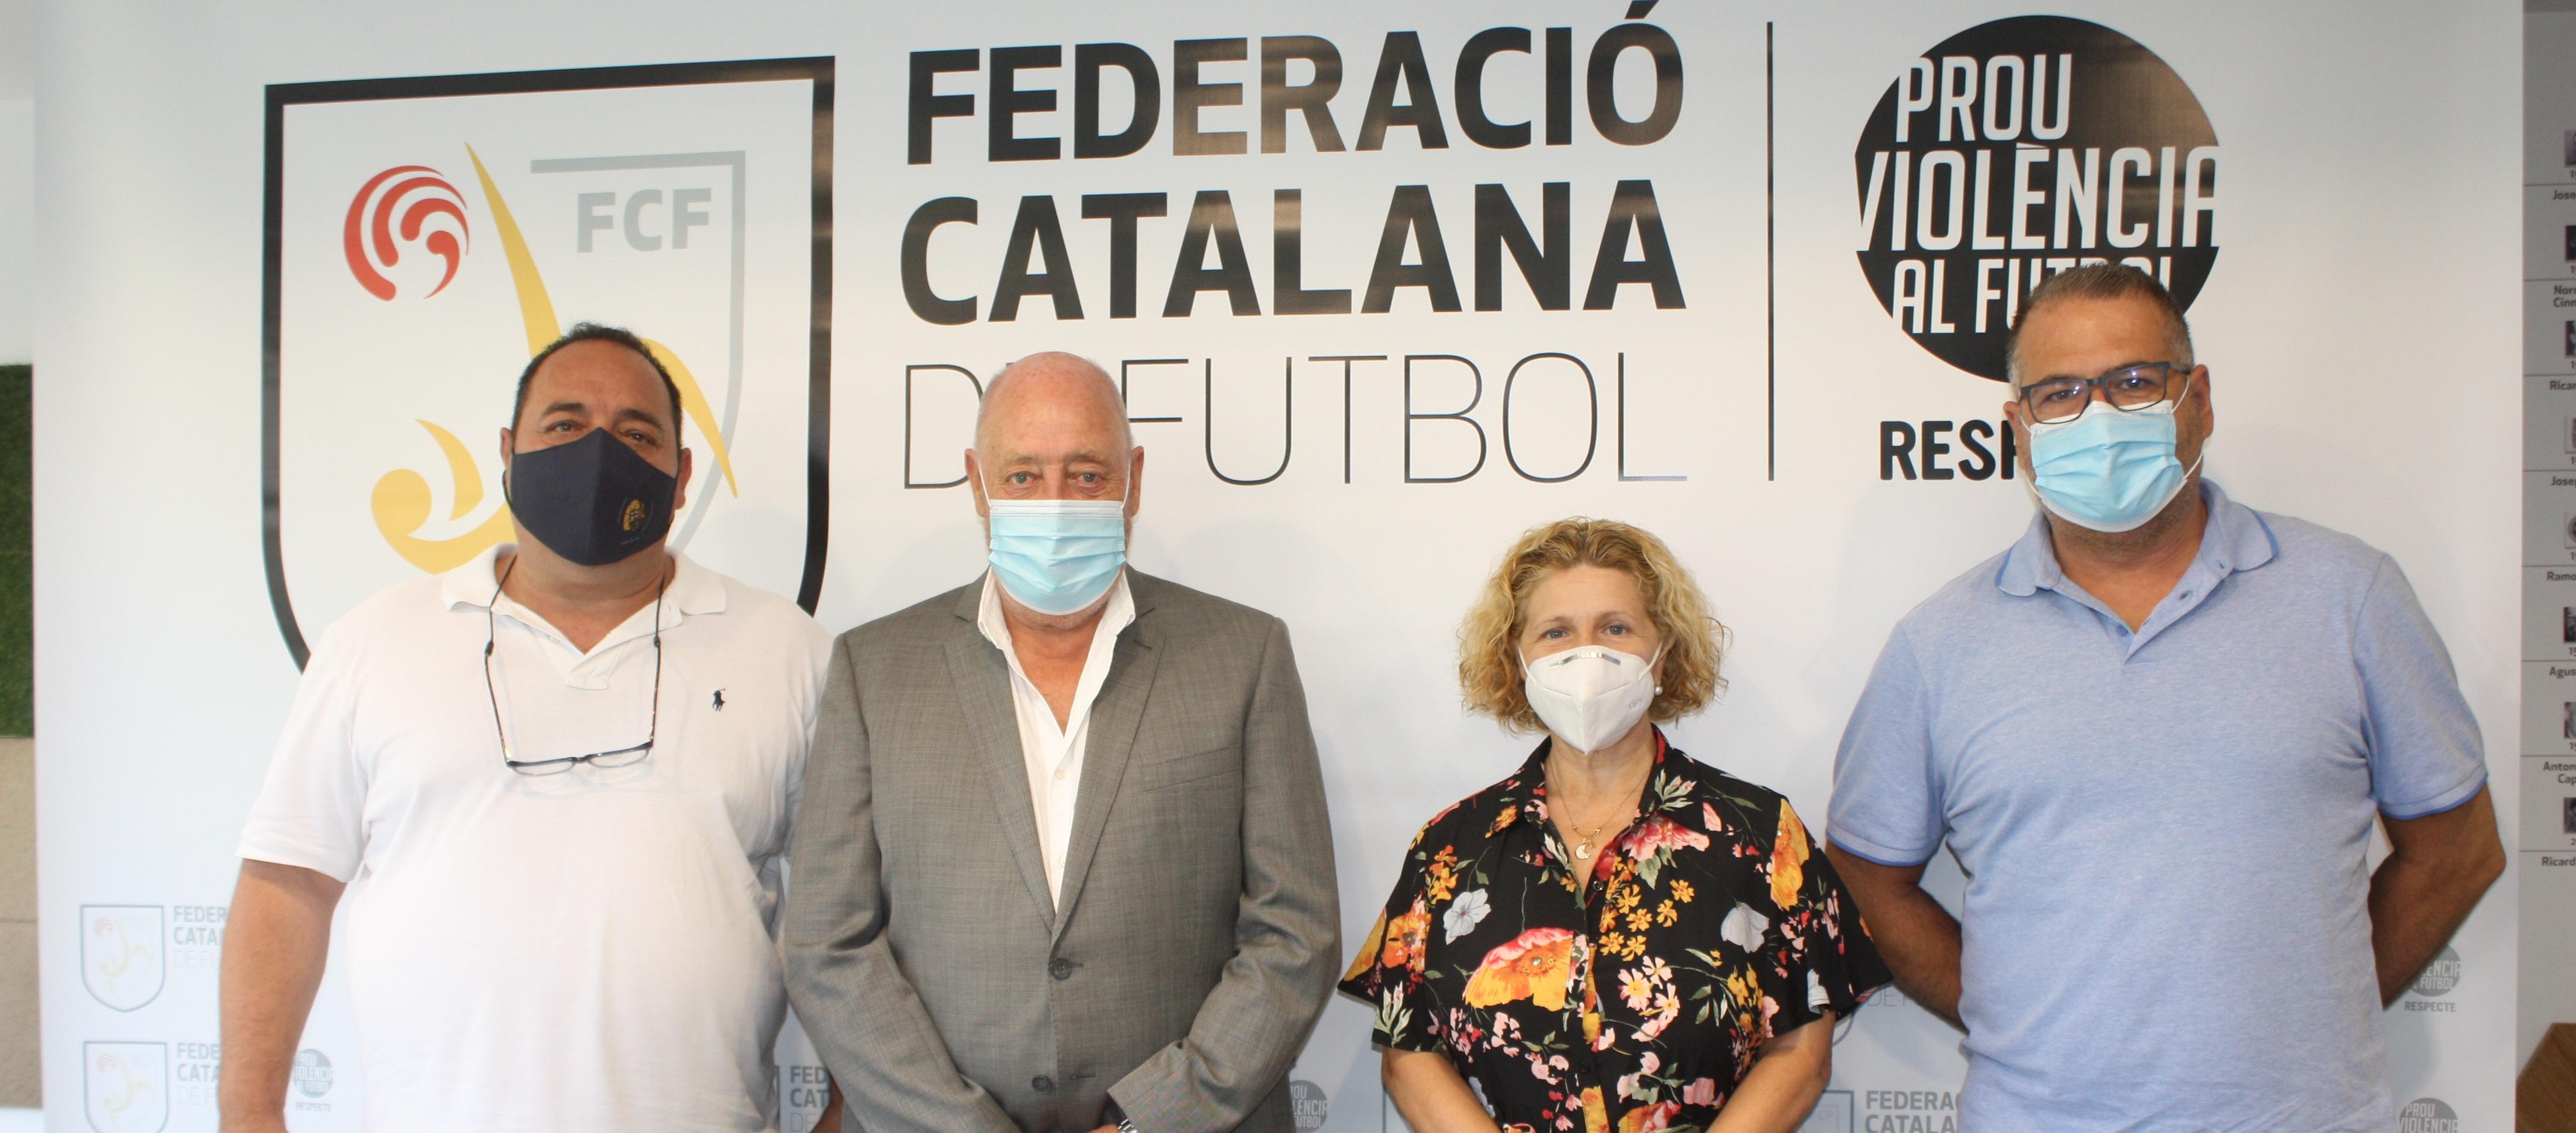 Visita institucional de la Penya Barcelonista Sant Vicenç dels Horts a l'FCF